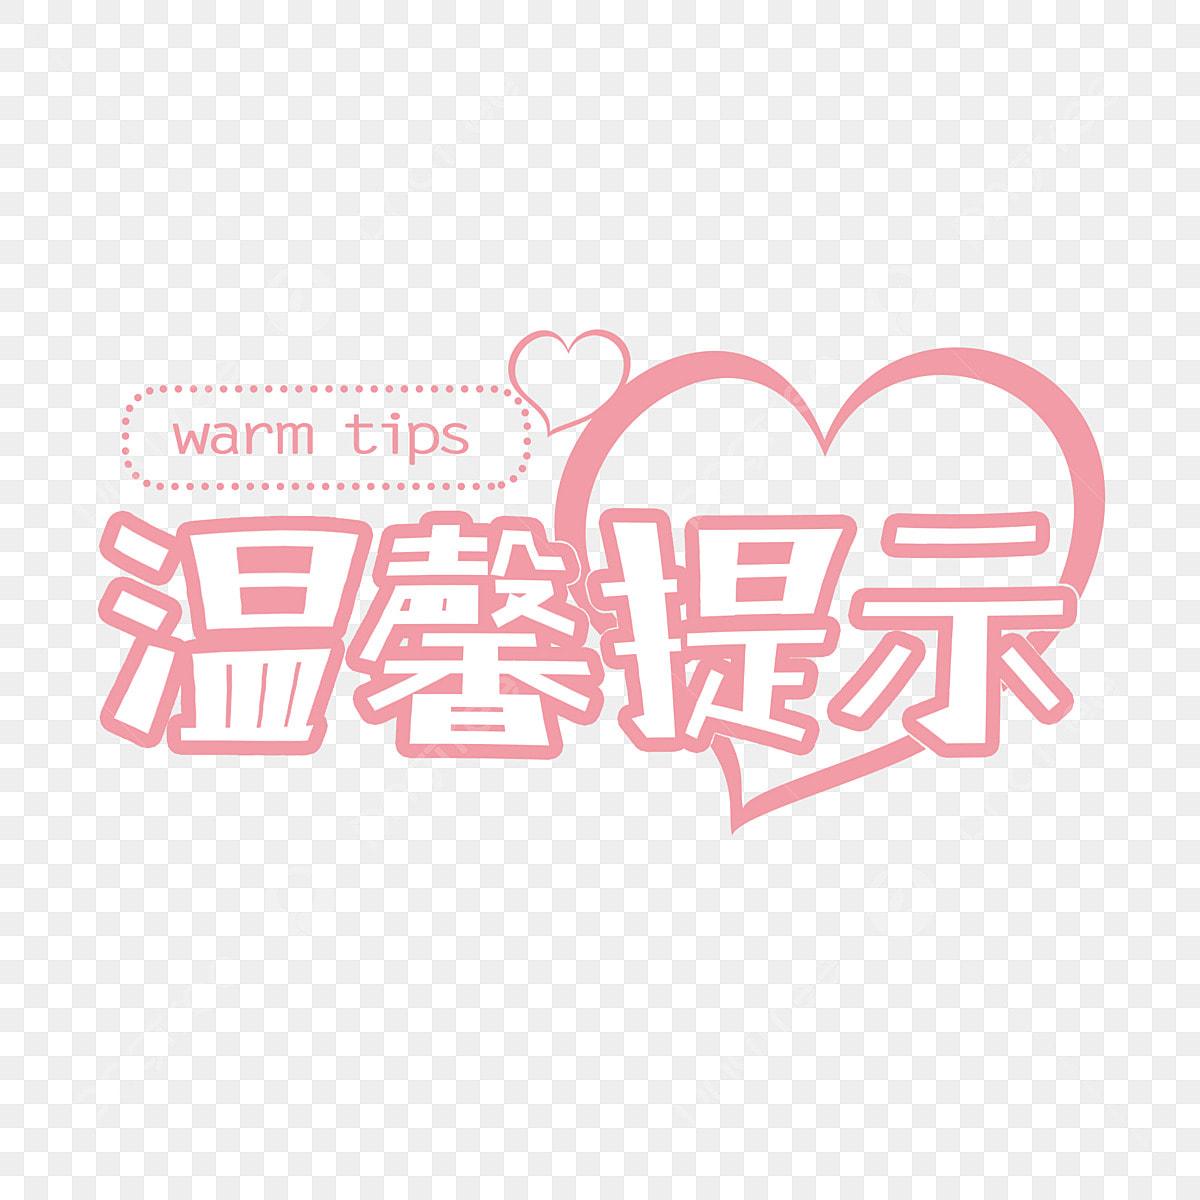 советы для Word Art Element Design 4 теплое напоминание